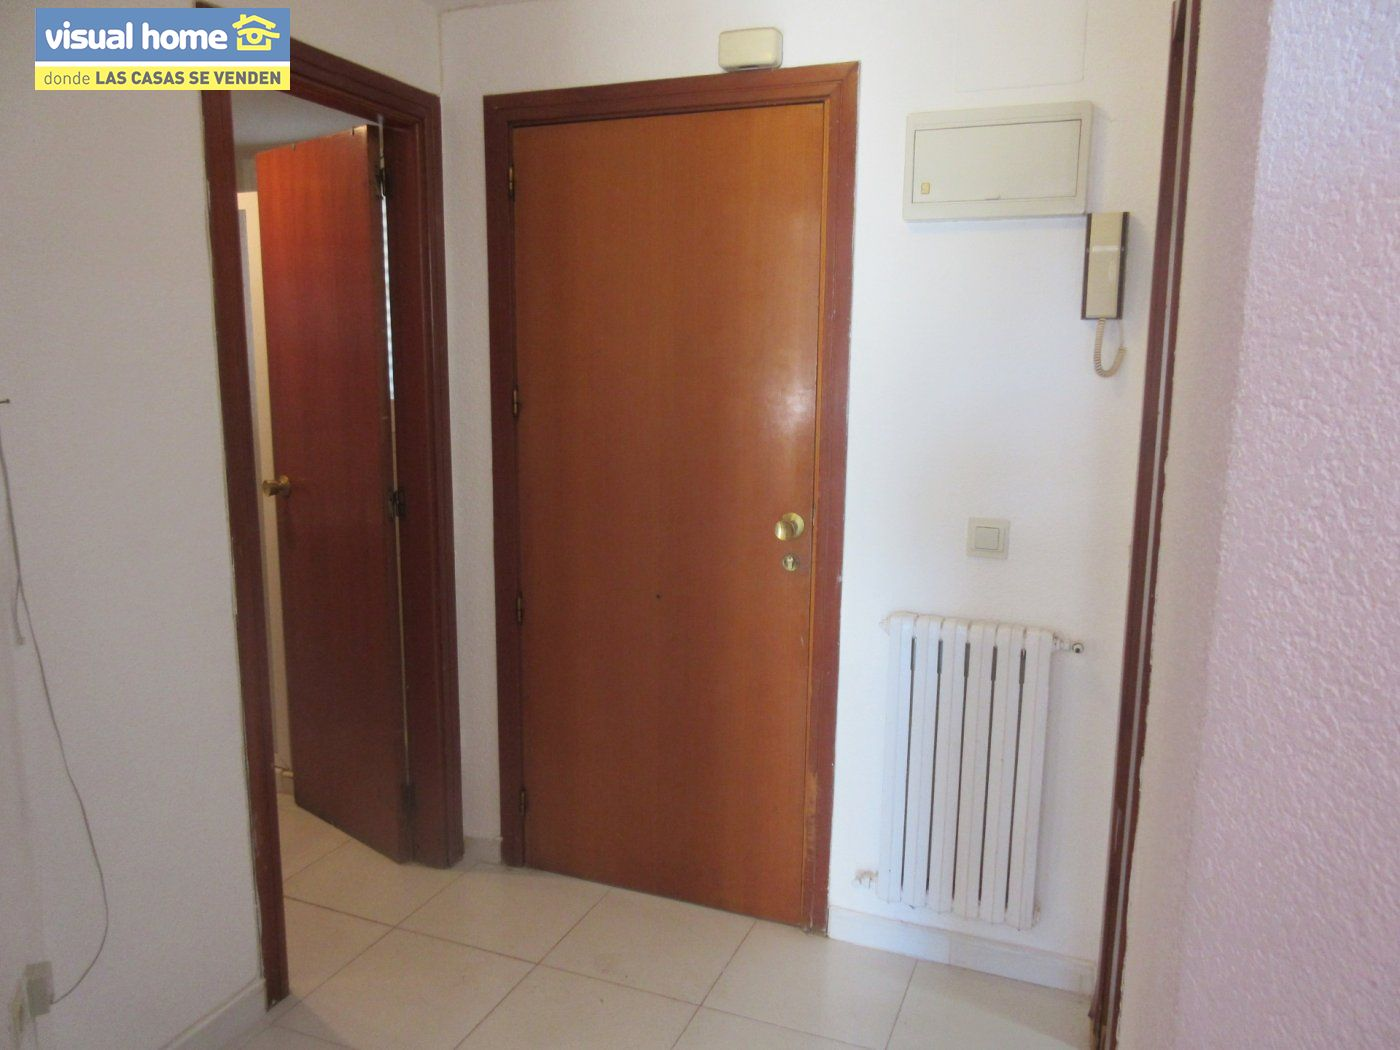 Apartamento de un dormitorio con parking y piscina en Rincón de Loix llano 16